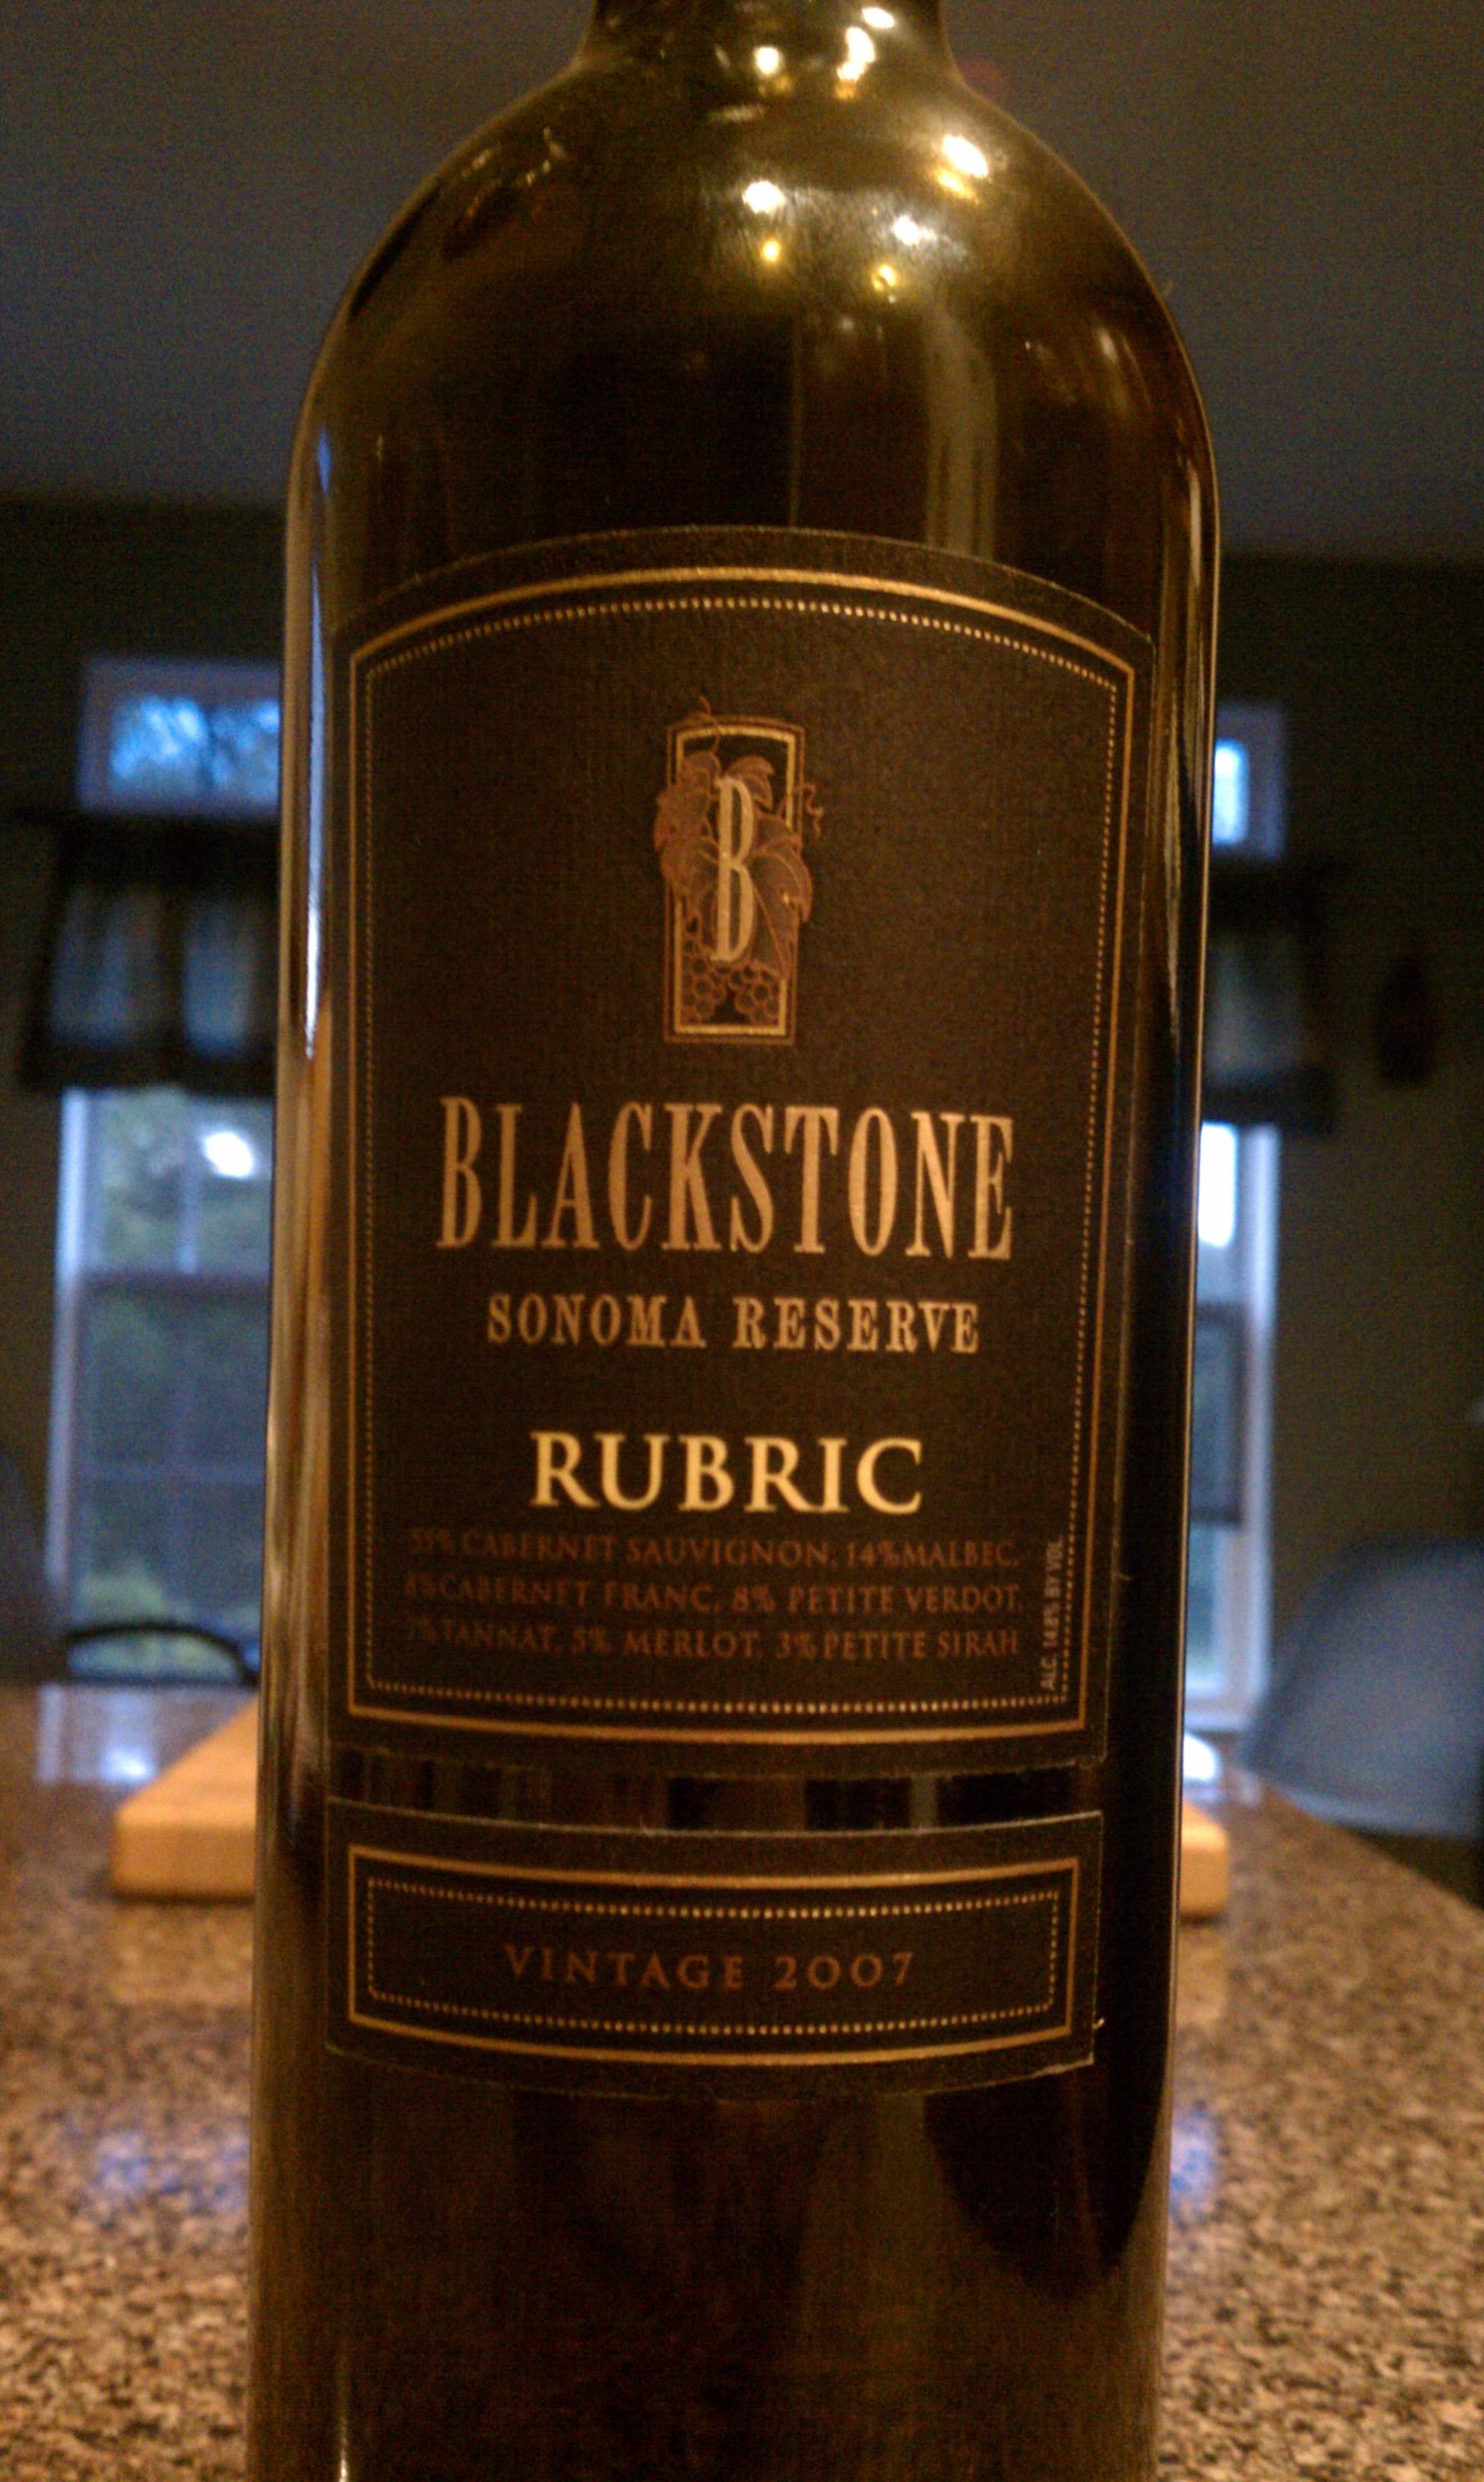 2007 Blackstone Sonoma Reserve Rubric